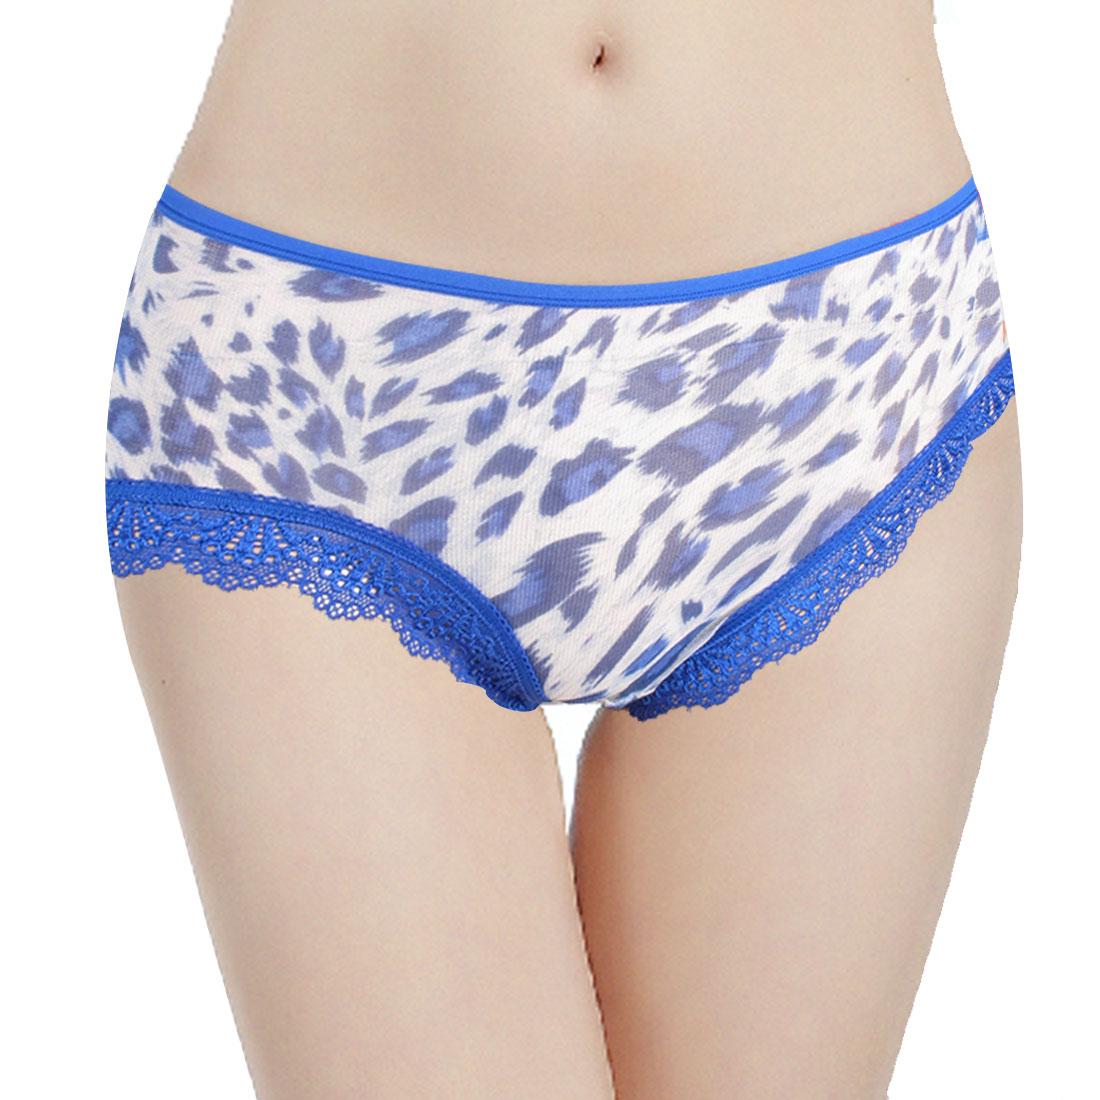 Woman Elastic Waist Dark White Leopard Print Underwear Underpants Briefs XS